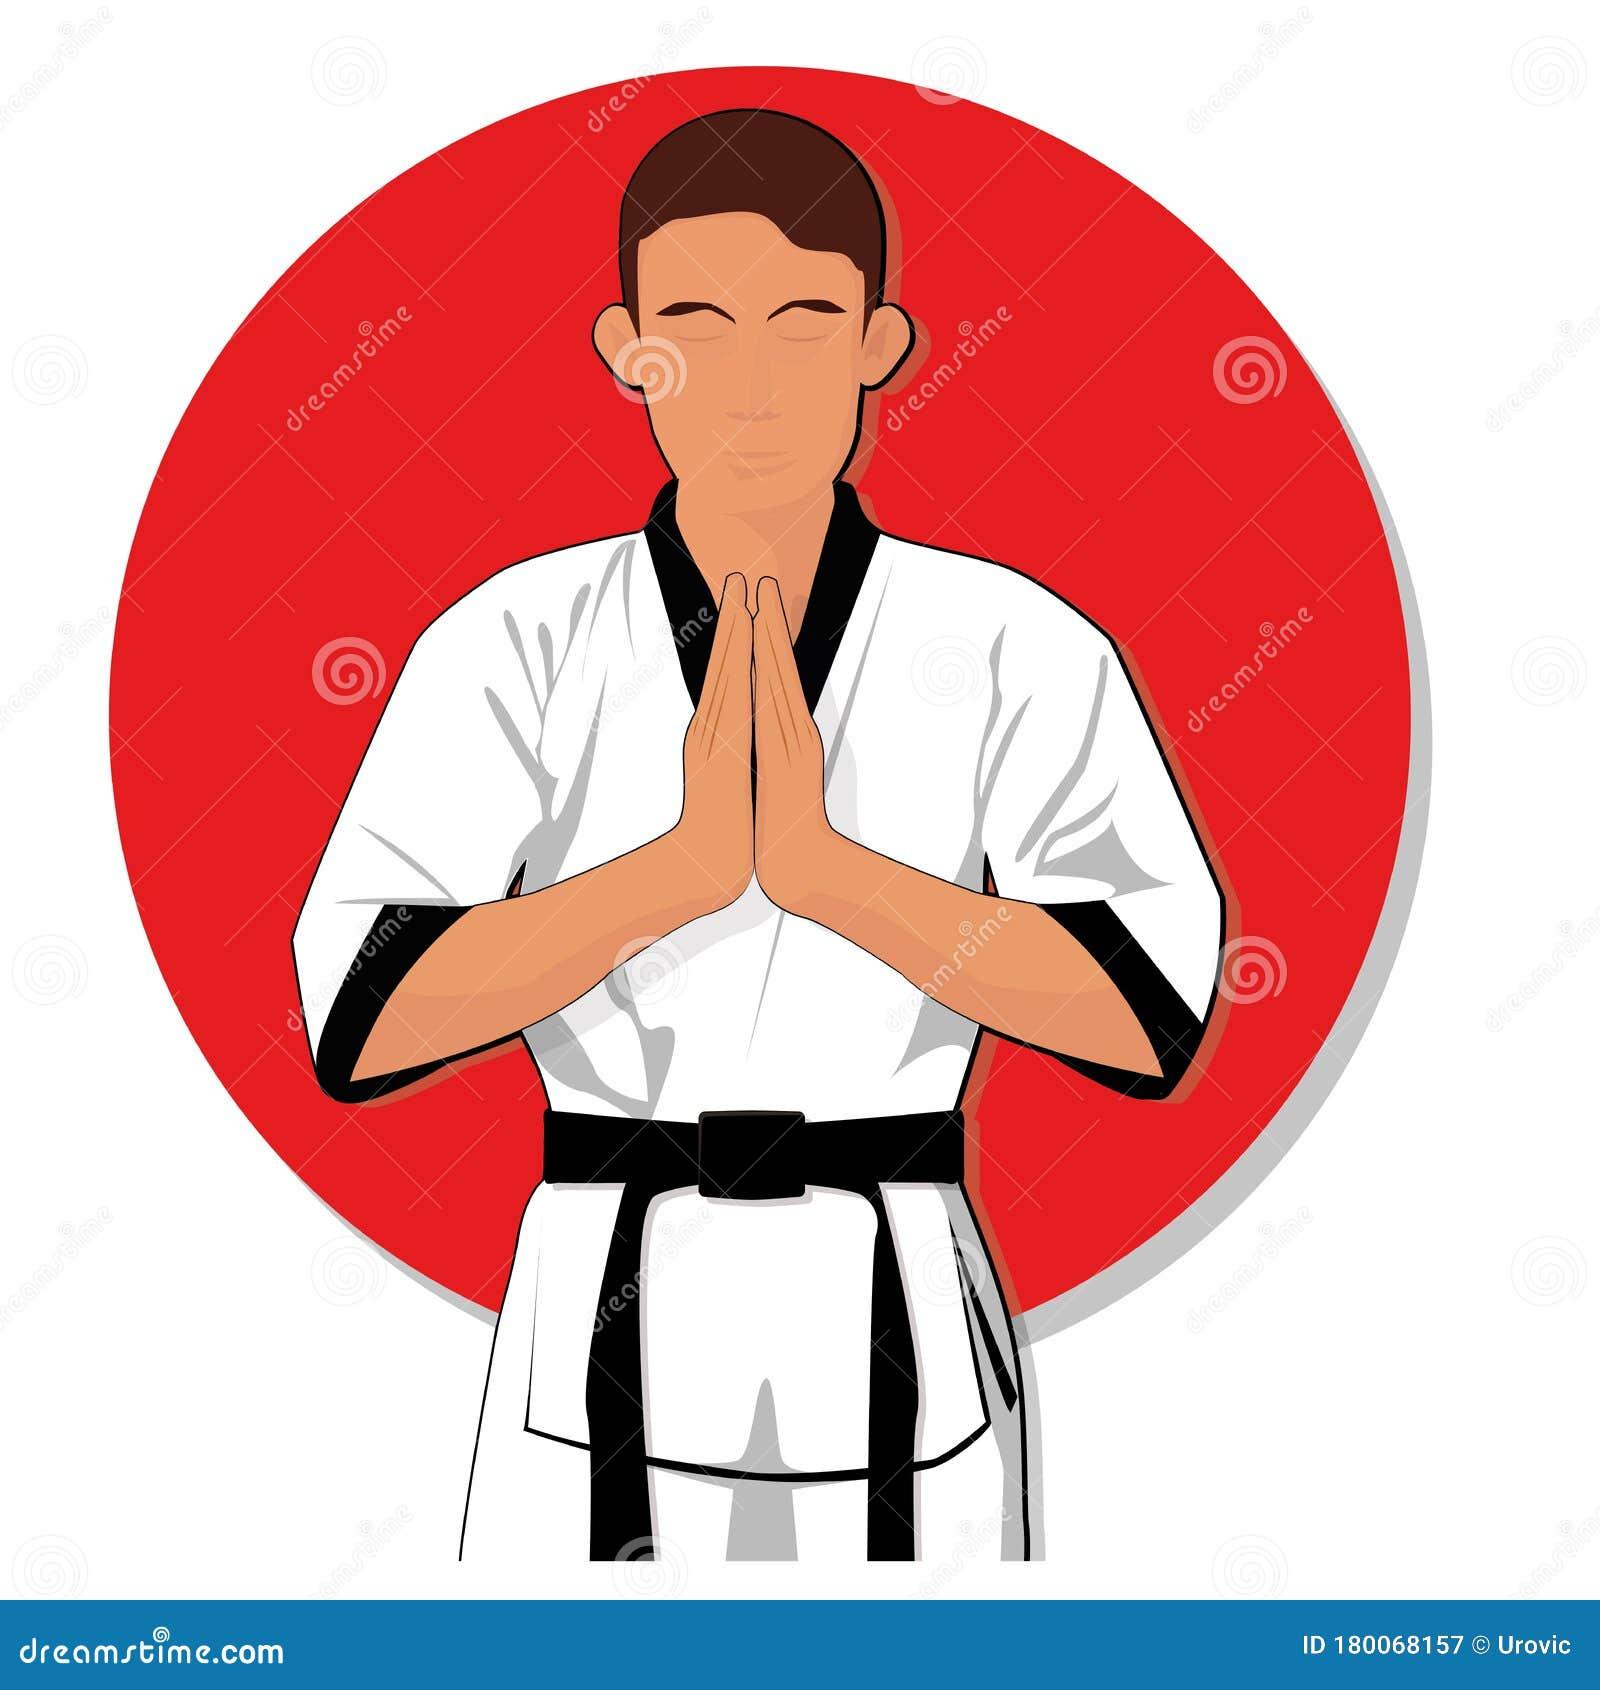 Taekwondo Vector Clipart Cartoon Stock Vector Illustration Of Attack Fighter 180068157